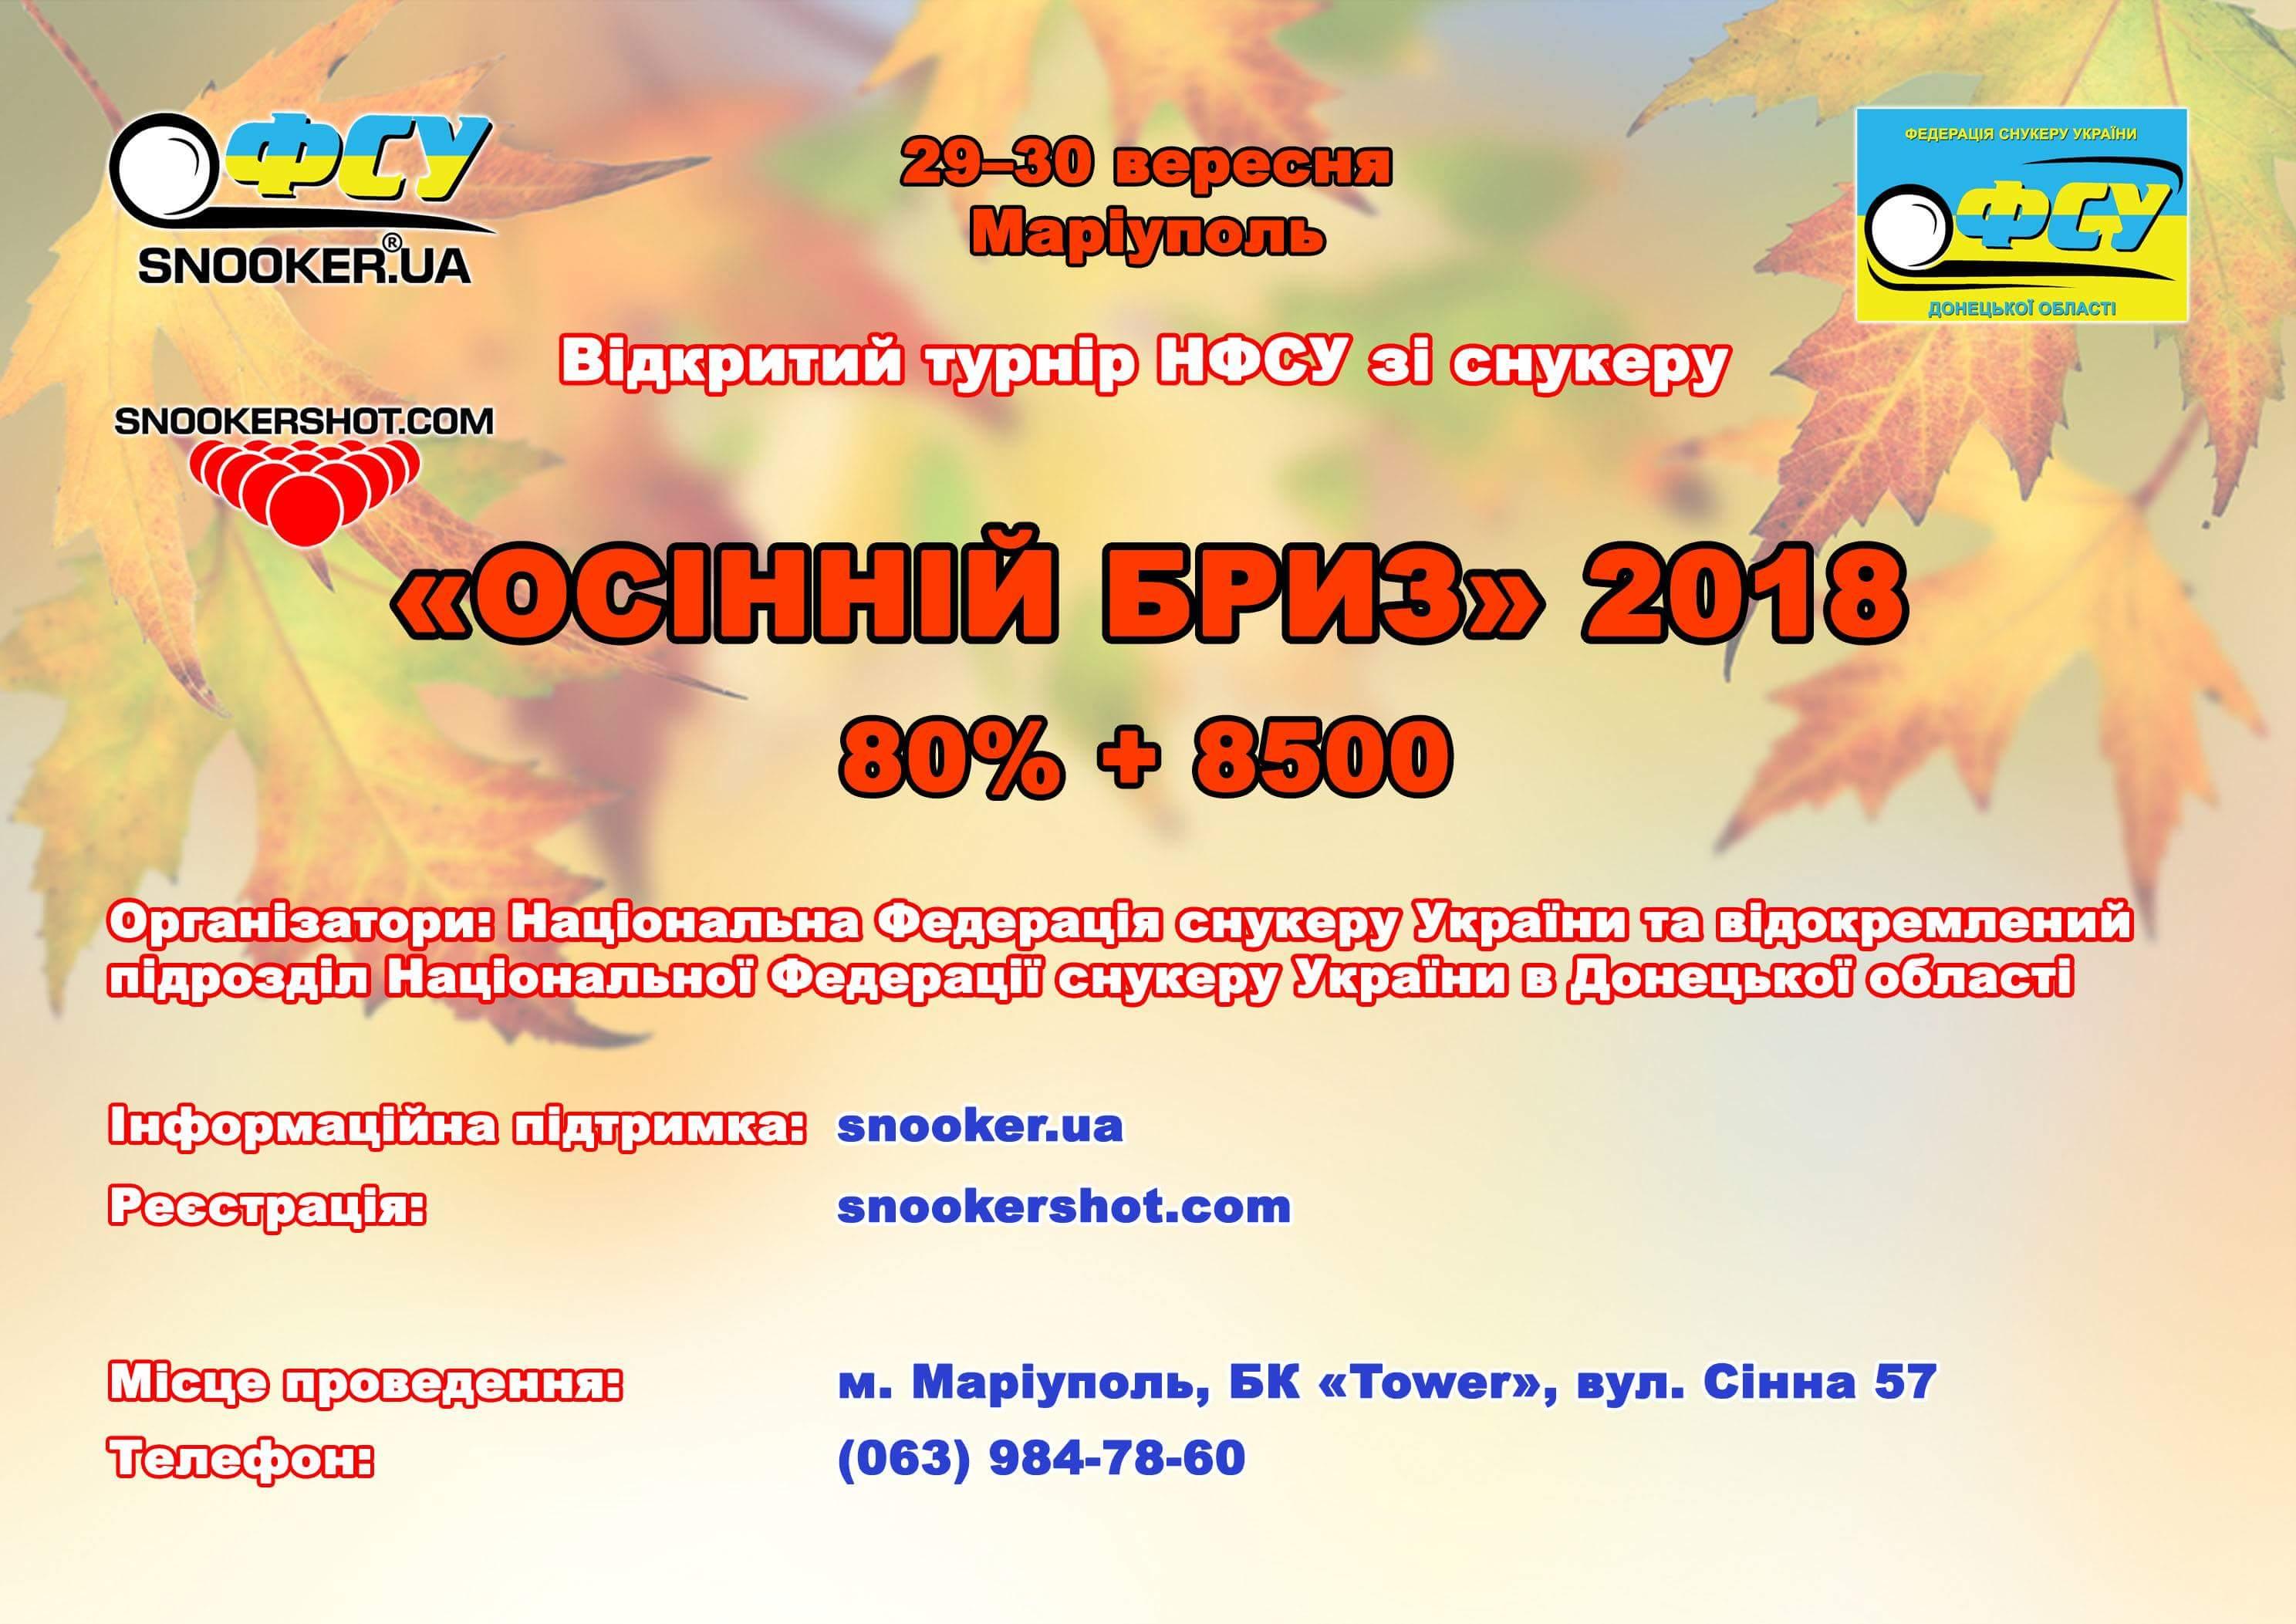 НФСУ. ОСІННІЙ БРИЗ 2018